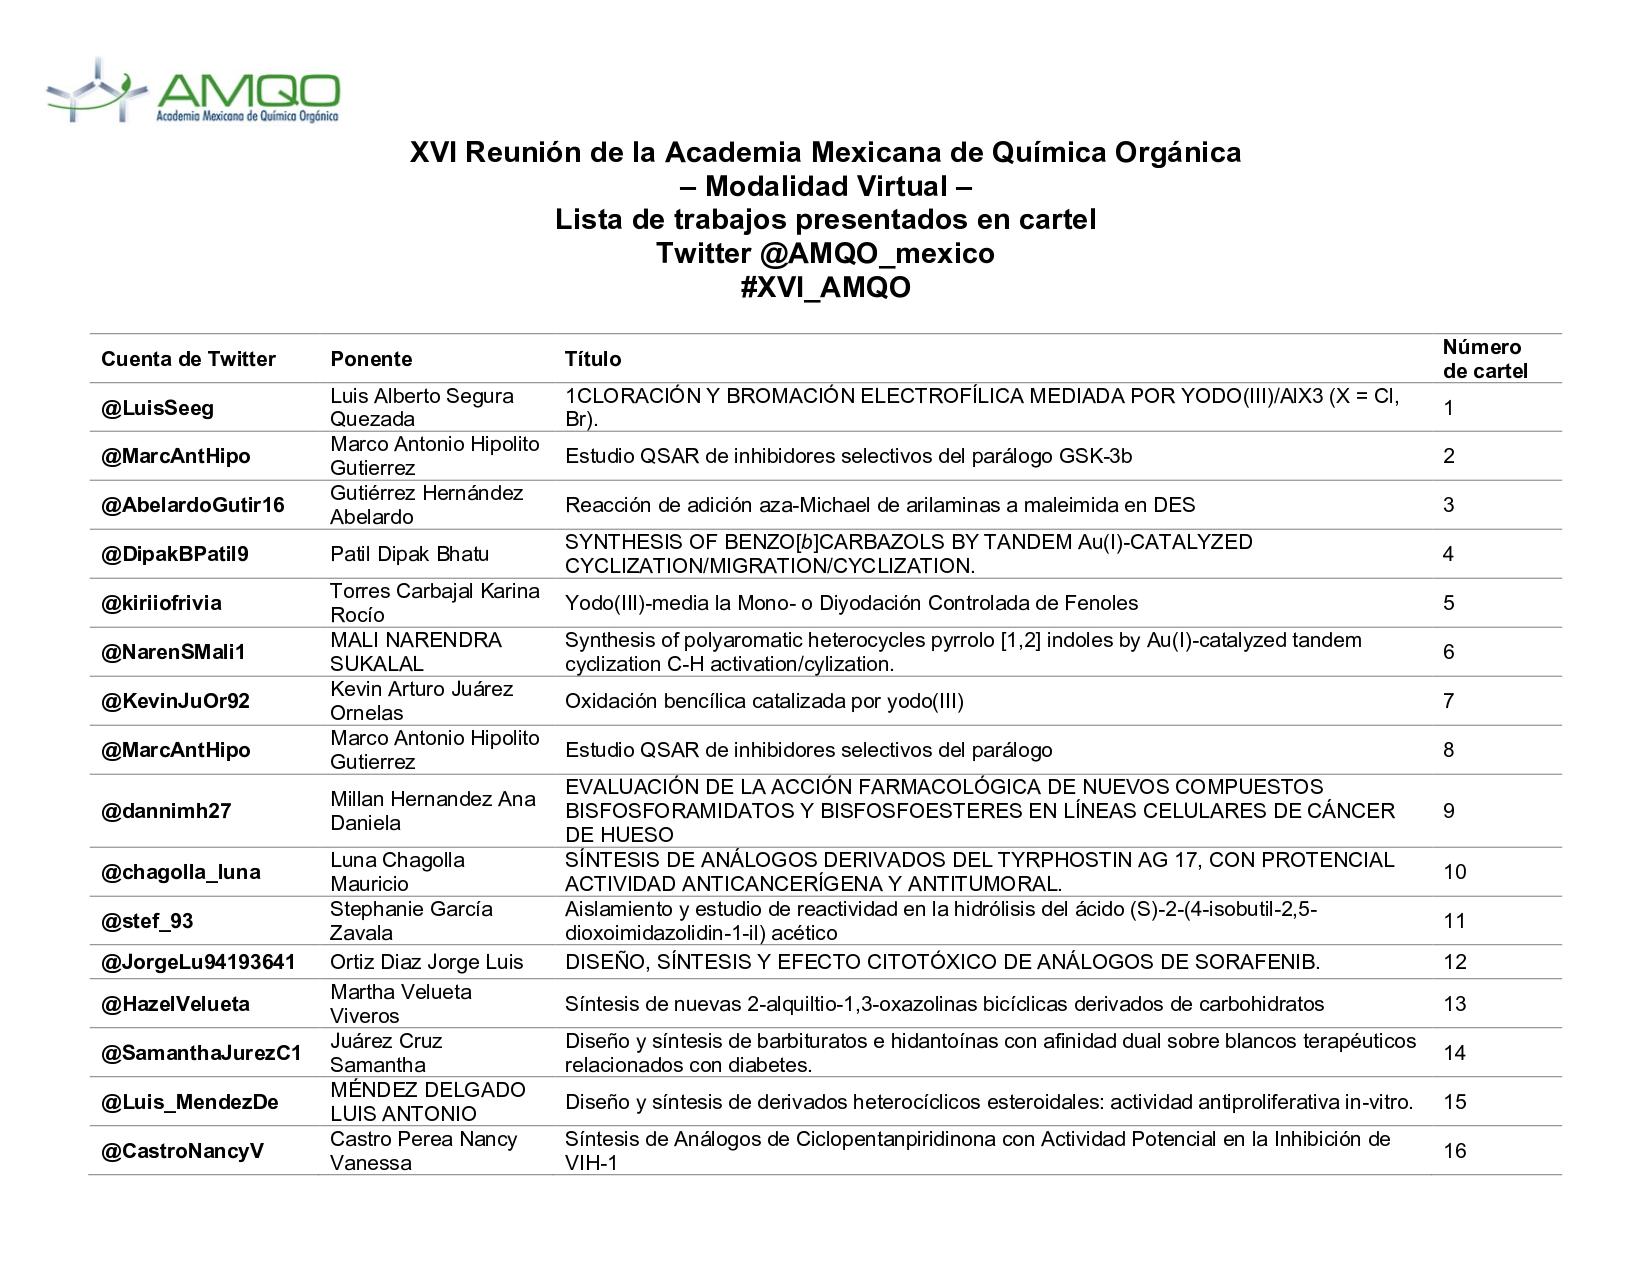 Lista de carteles XVI AMQO_pages-to-jpg-0001